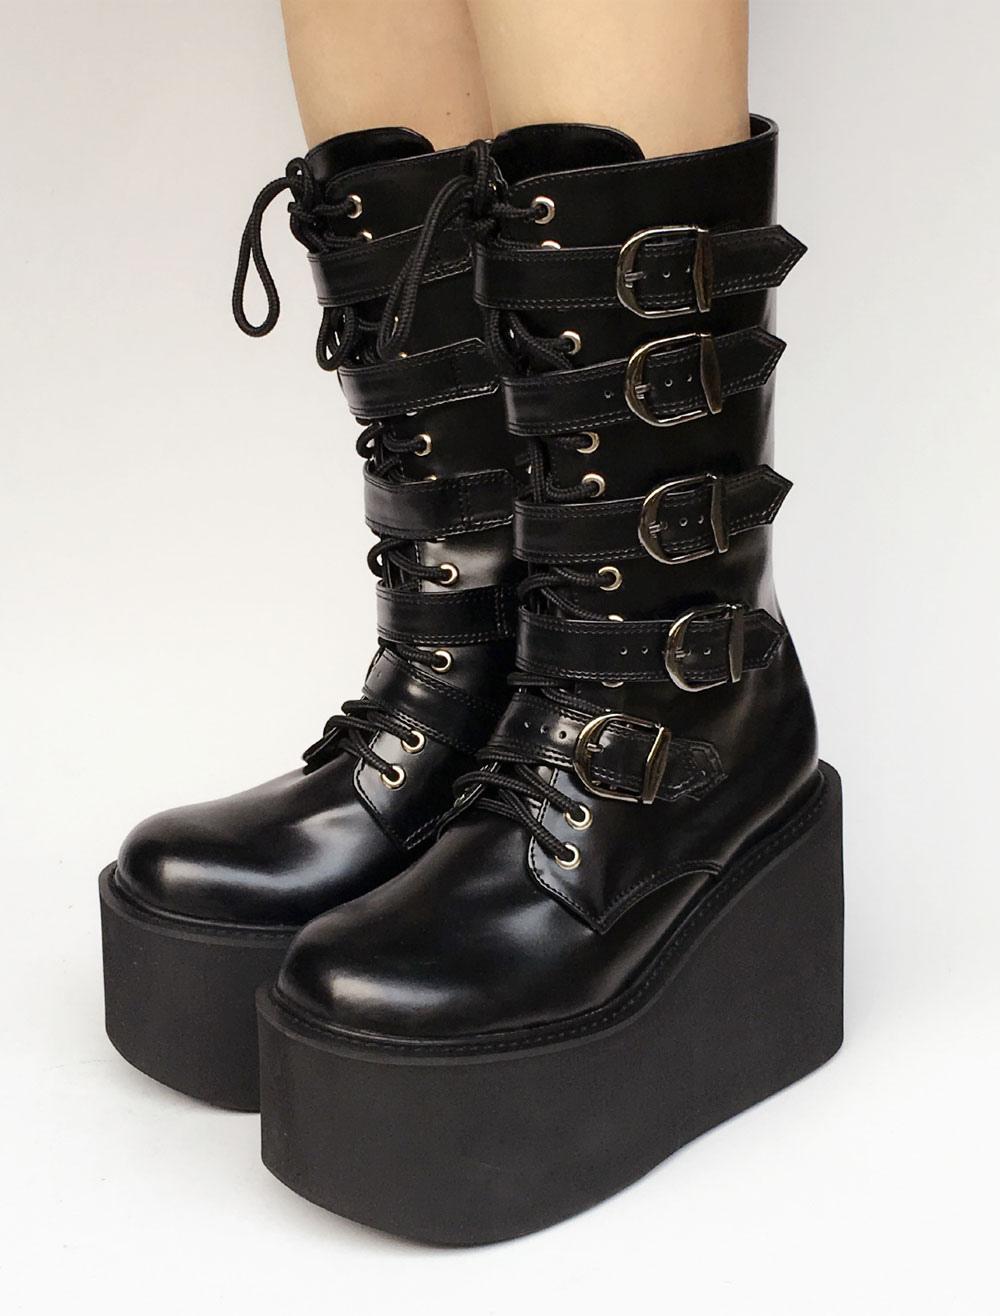 Encaje lolita plataforma botas negro cuña hebilla ovalada Lolita corto botas AUCJXzzsp